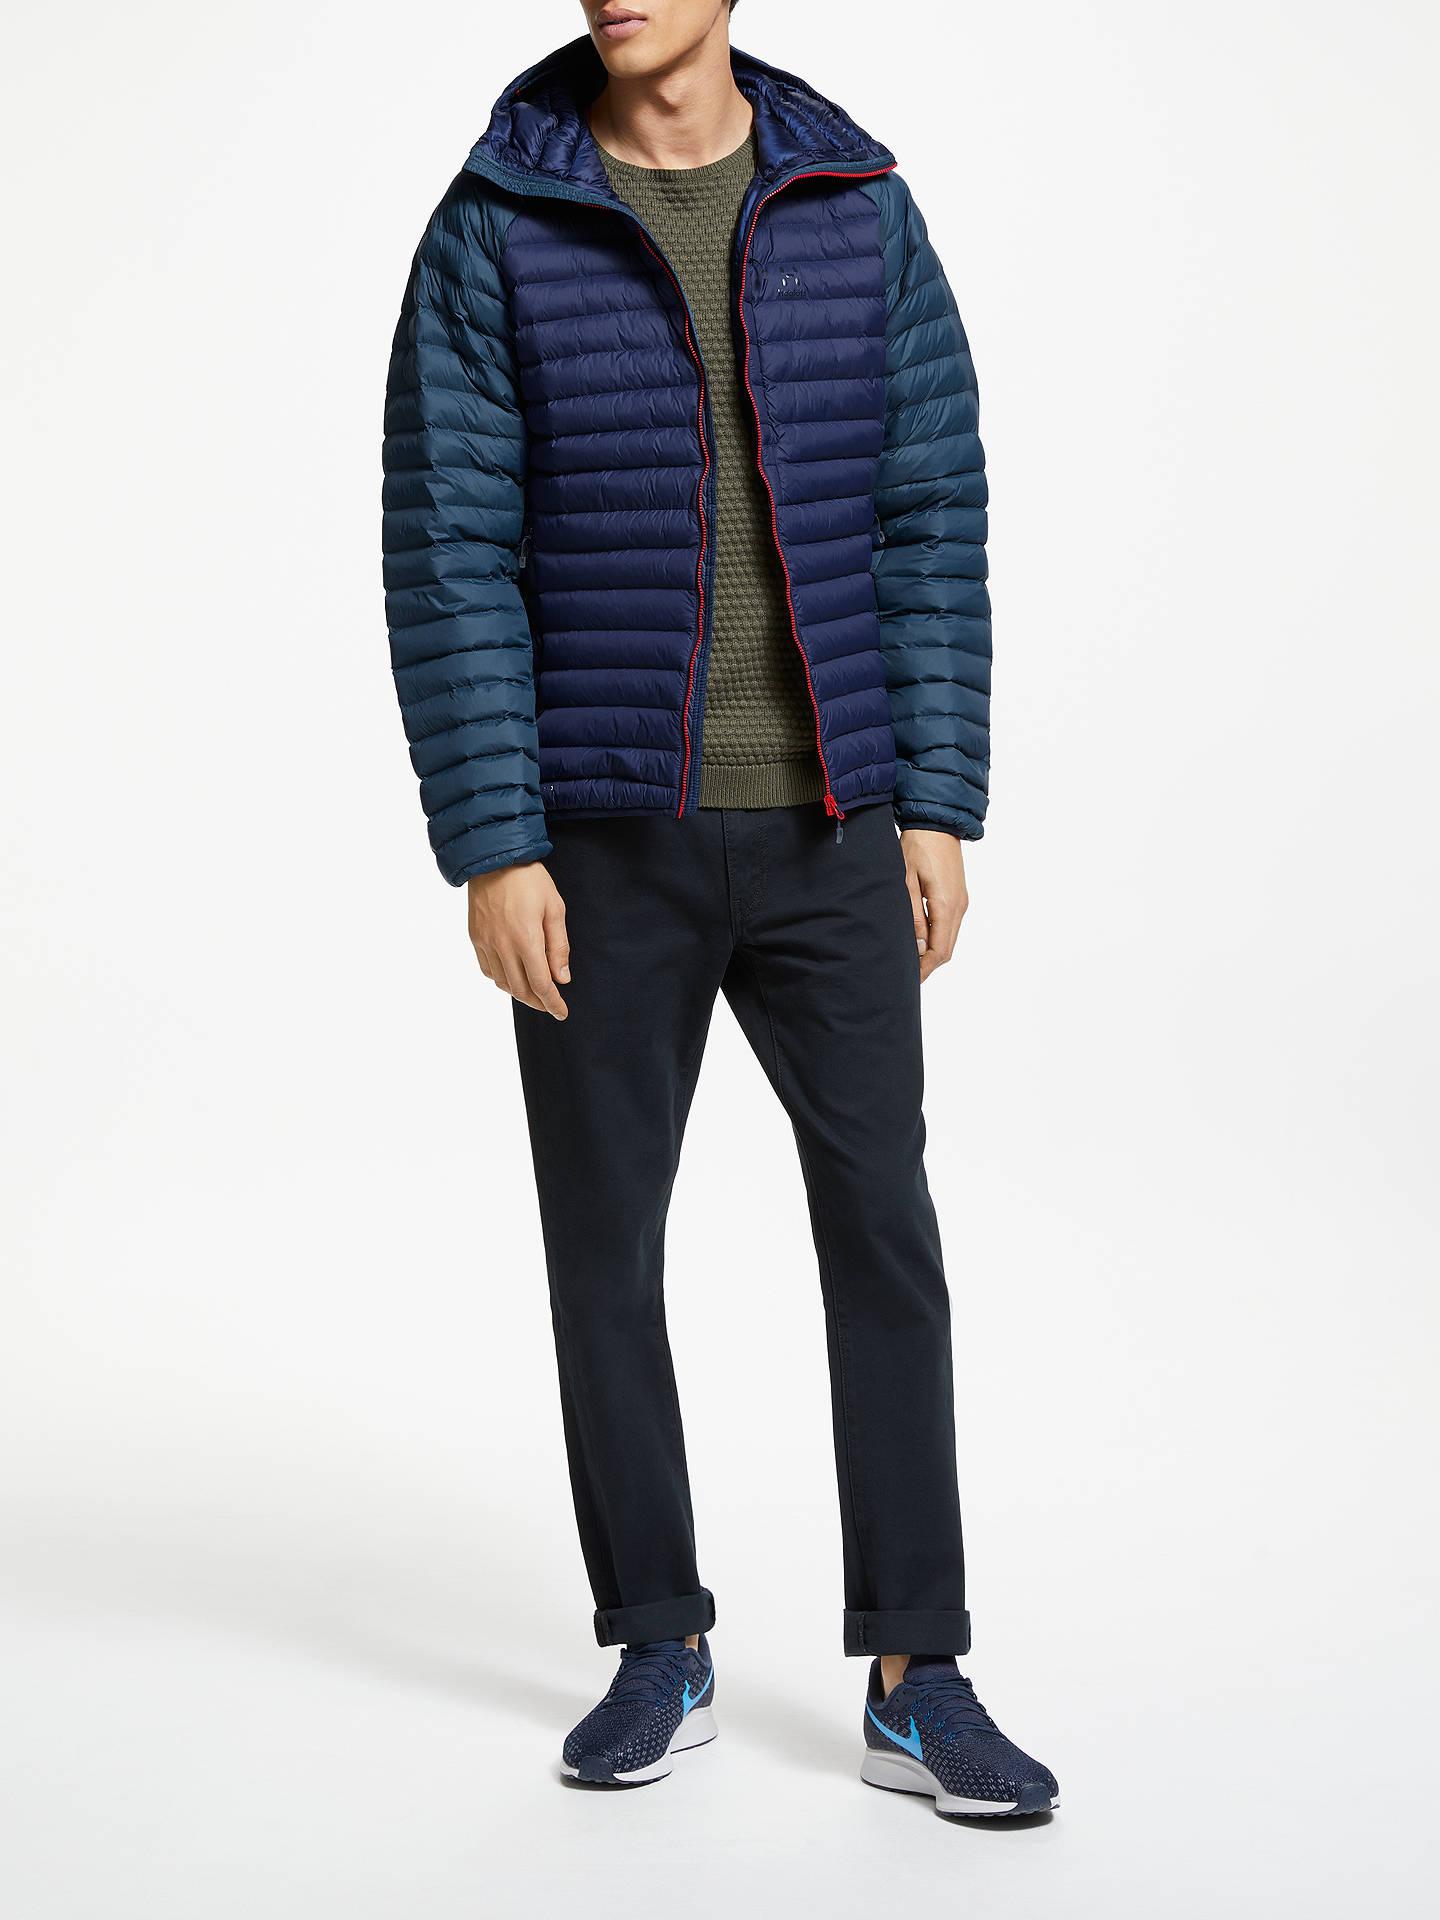 f1f1c40c3da ... Buy Haglöfs Essens Mimic Men's Insulated Jacket, Tarn Blue/Blue Ink, L  Online